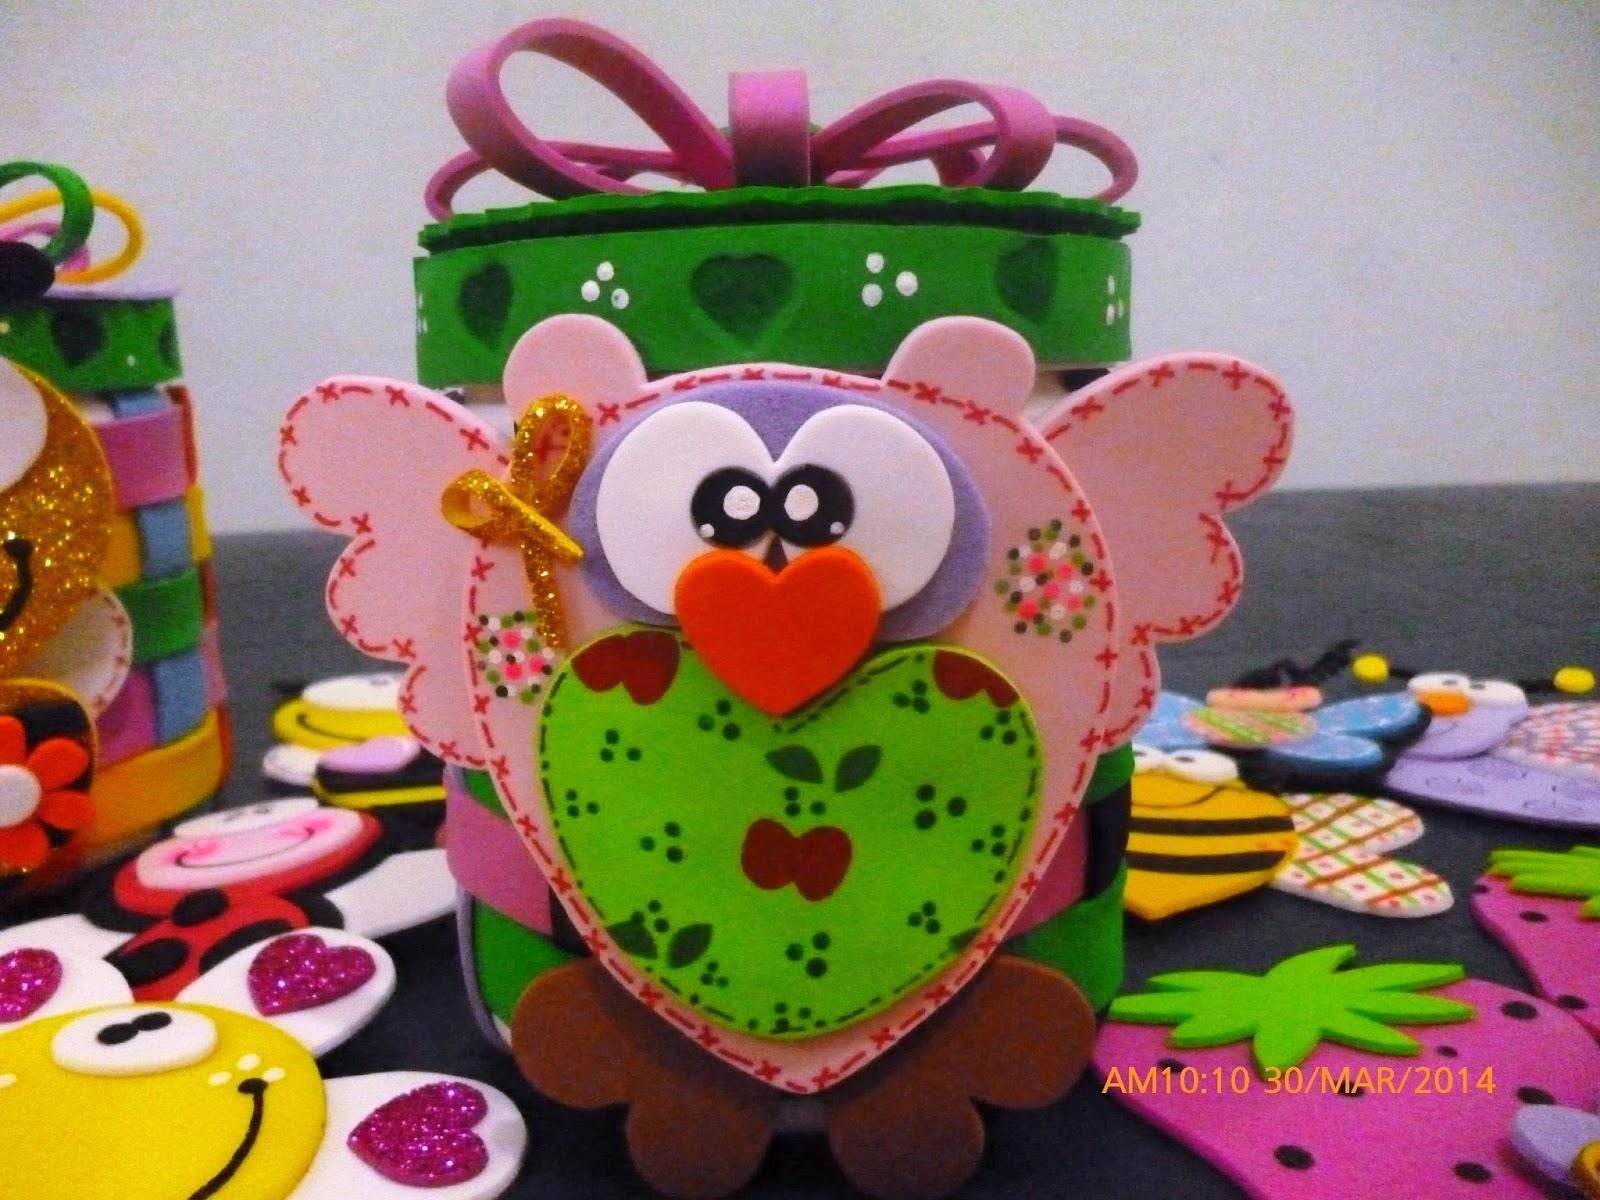 Cuchituras manualidades envases multiusos bichitos cuchi - Manualidades con envases ...